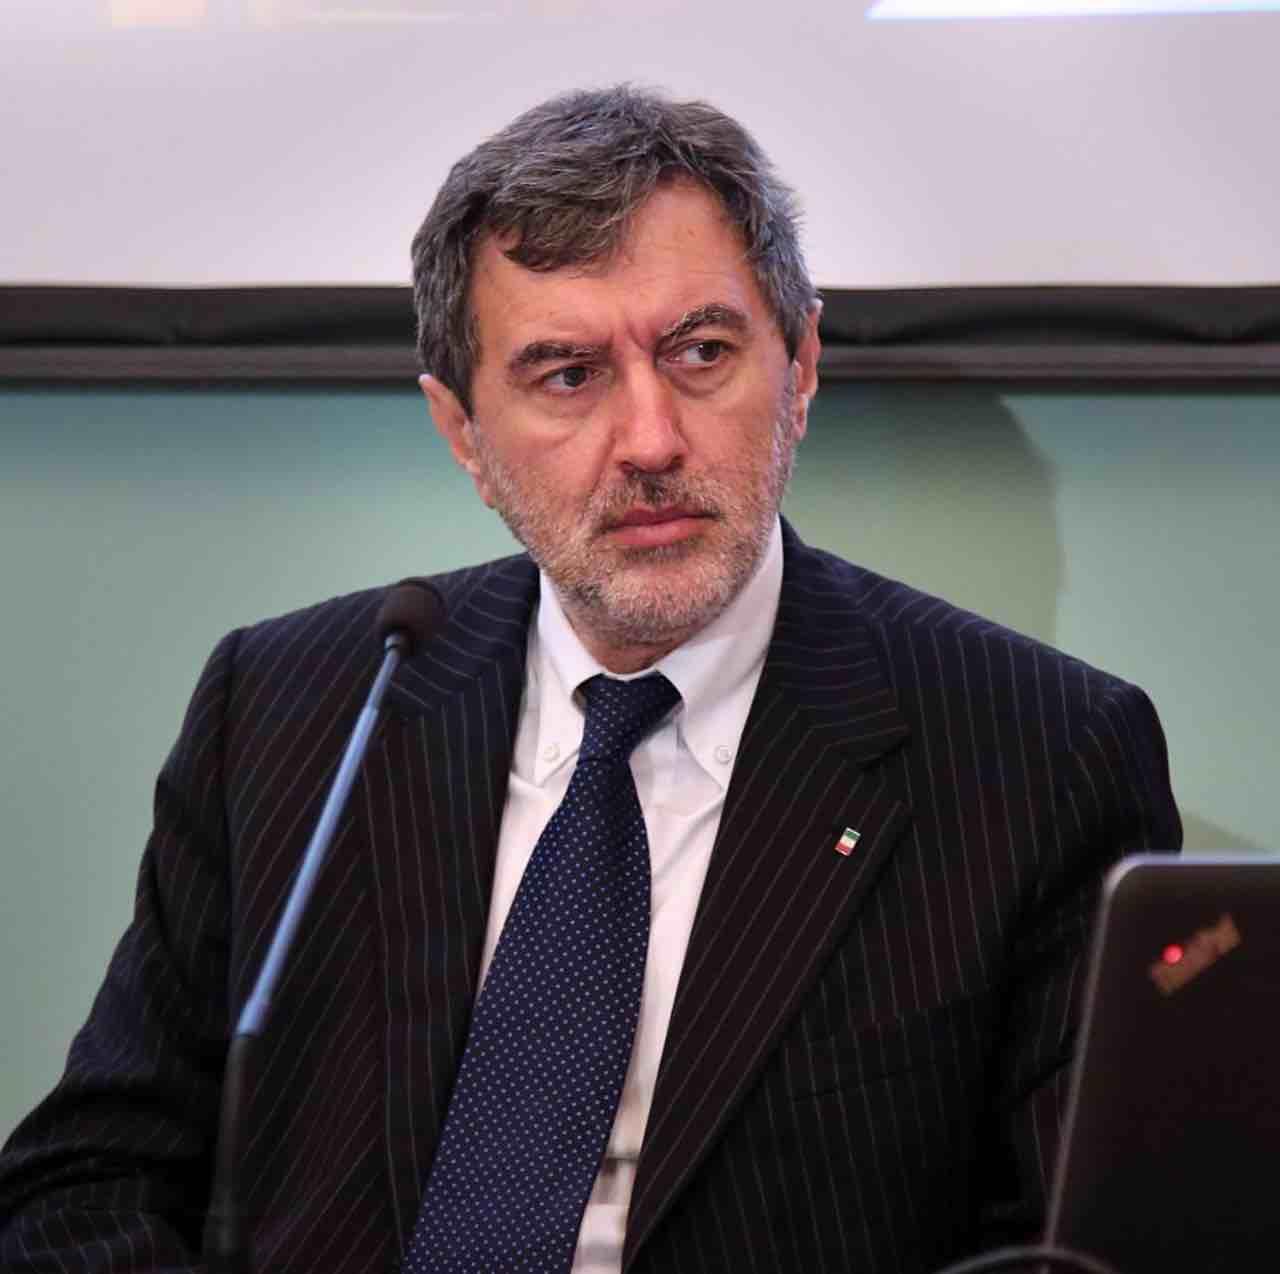 Marco Marsilio, presidente della Regione Abruzzo